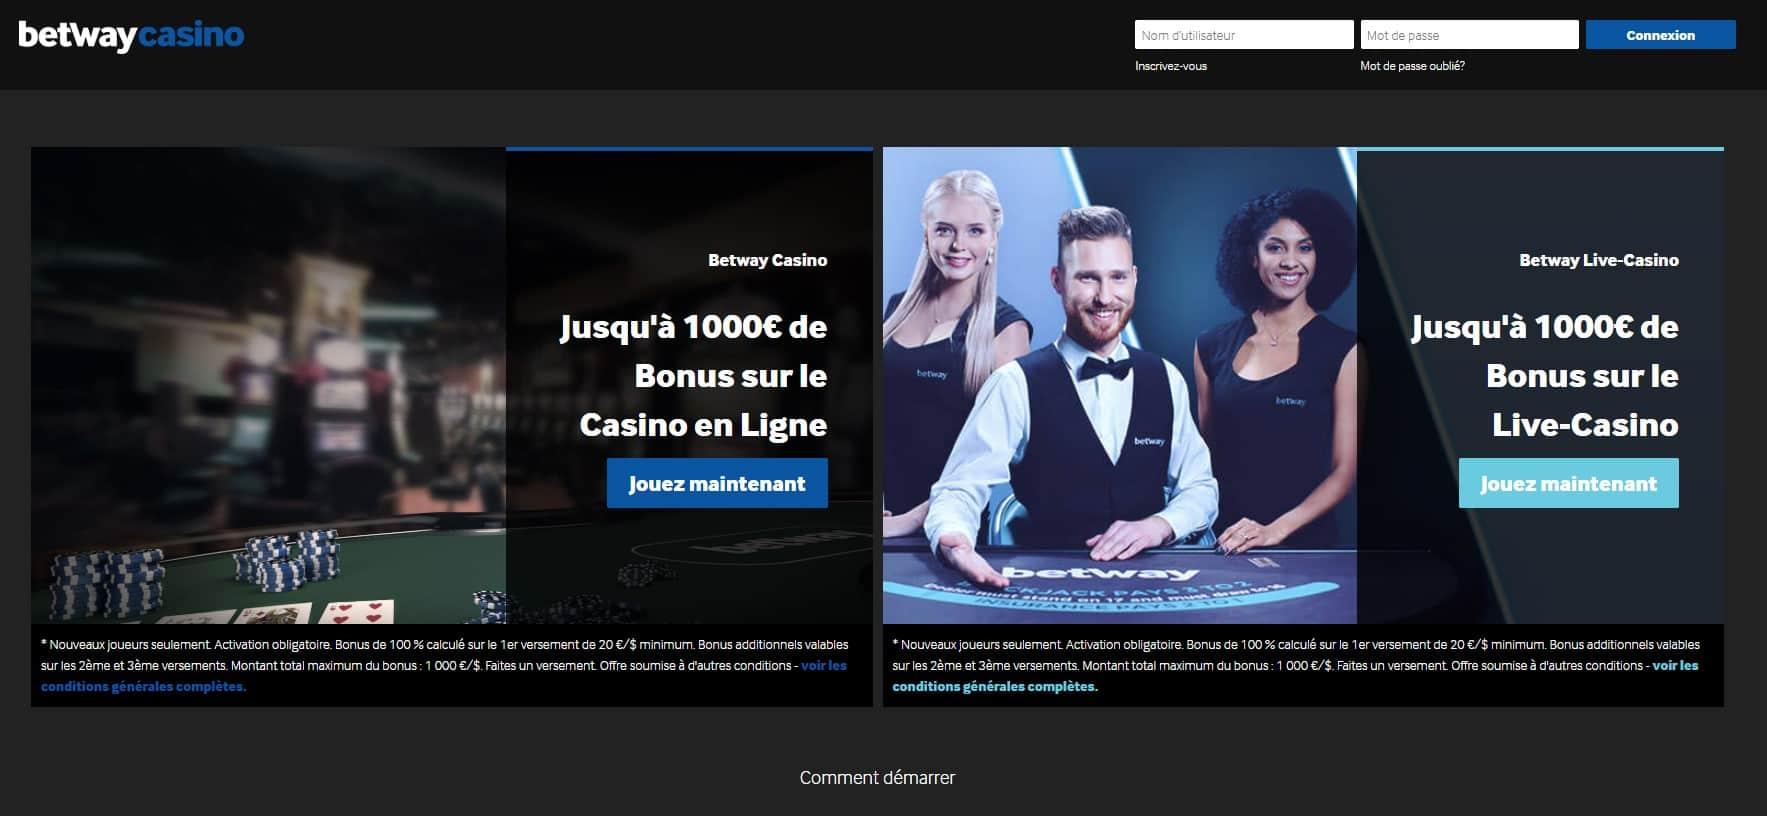 Betway Casino avis : offre de bienvenue très alléchante de 1000 CAD !